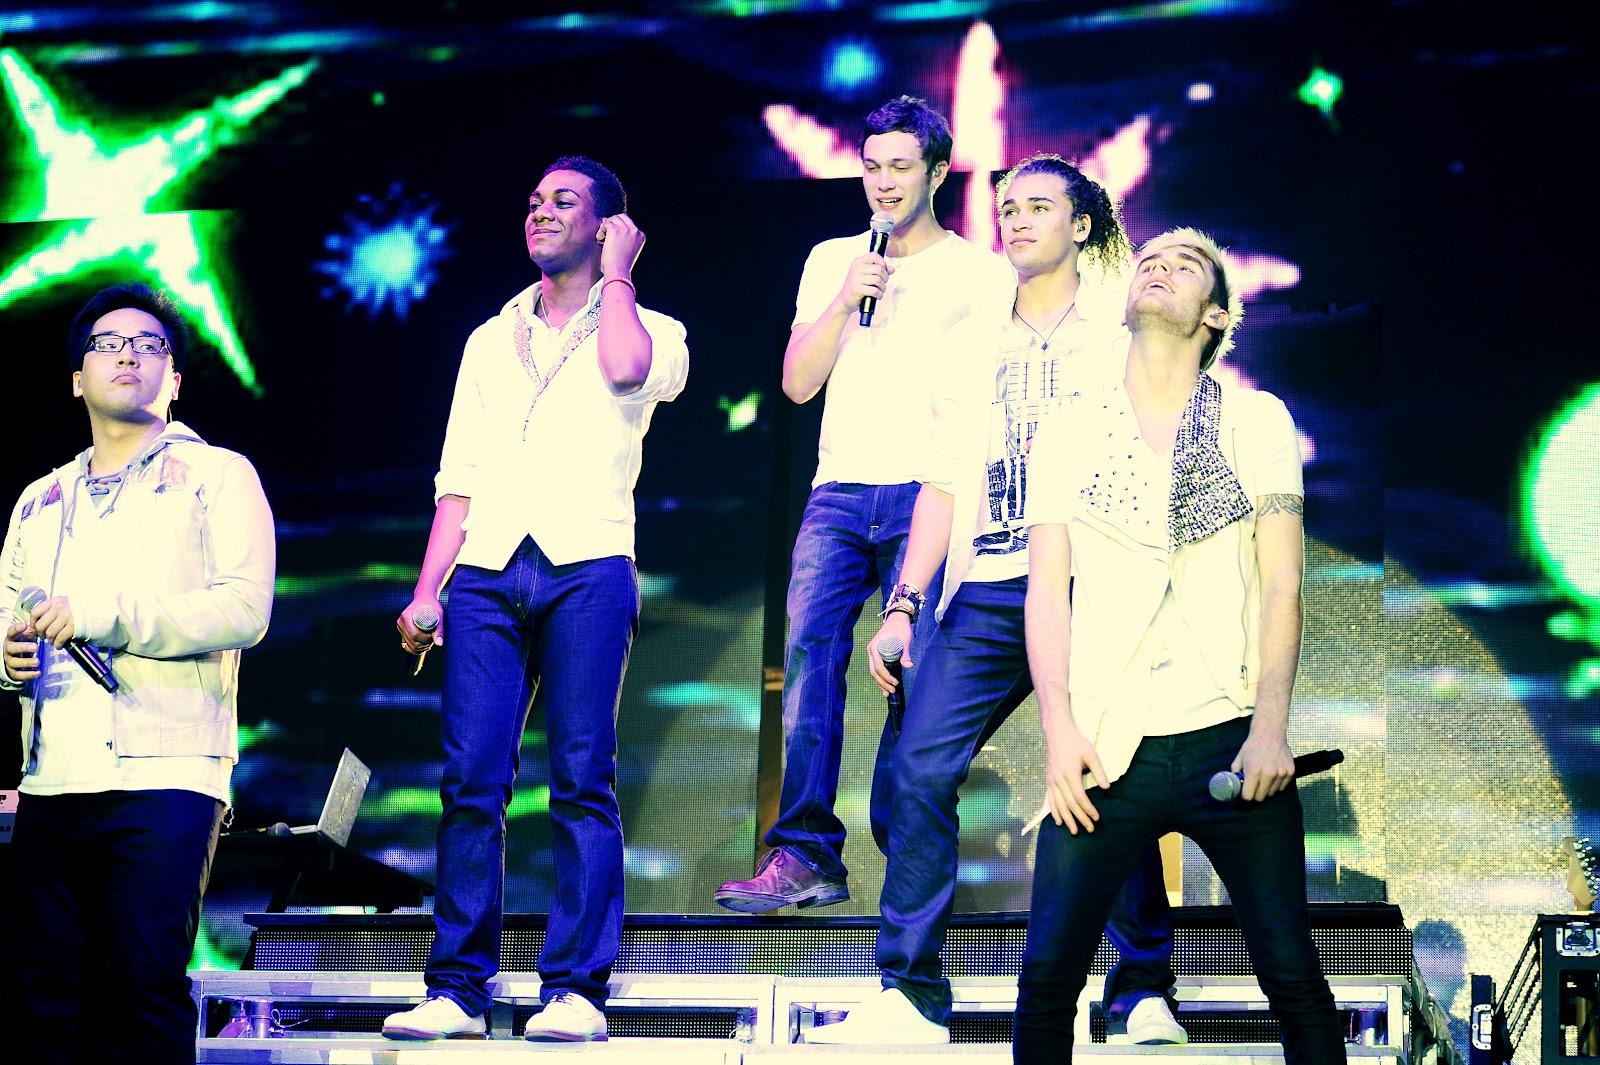 http://3.bp.blogspot.com/-ydvzi9-LlR4/UG_deDwfuJI/AAAAAAAAAKk/coVFRw8eDLo/s1600/American+Idol+Instagram+(16).JPG